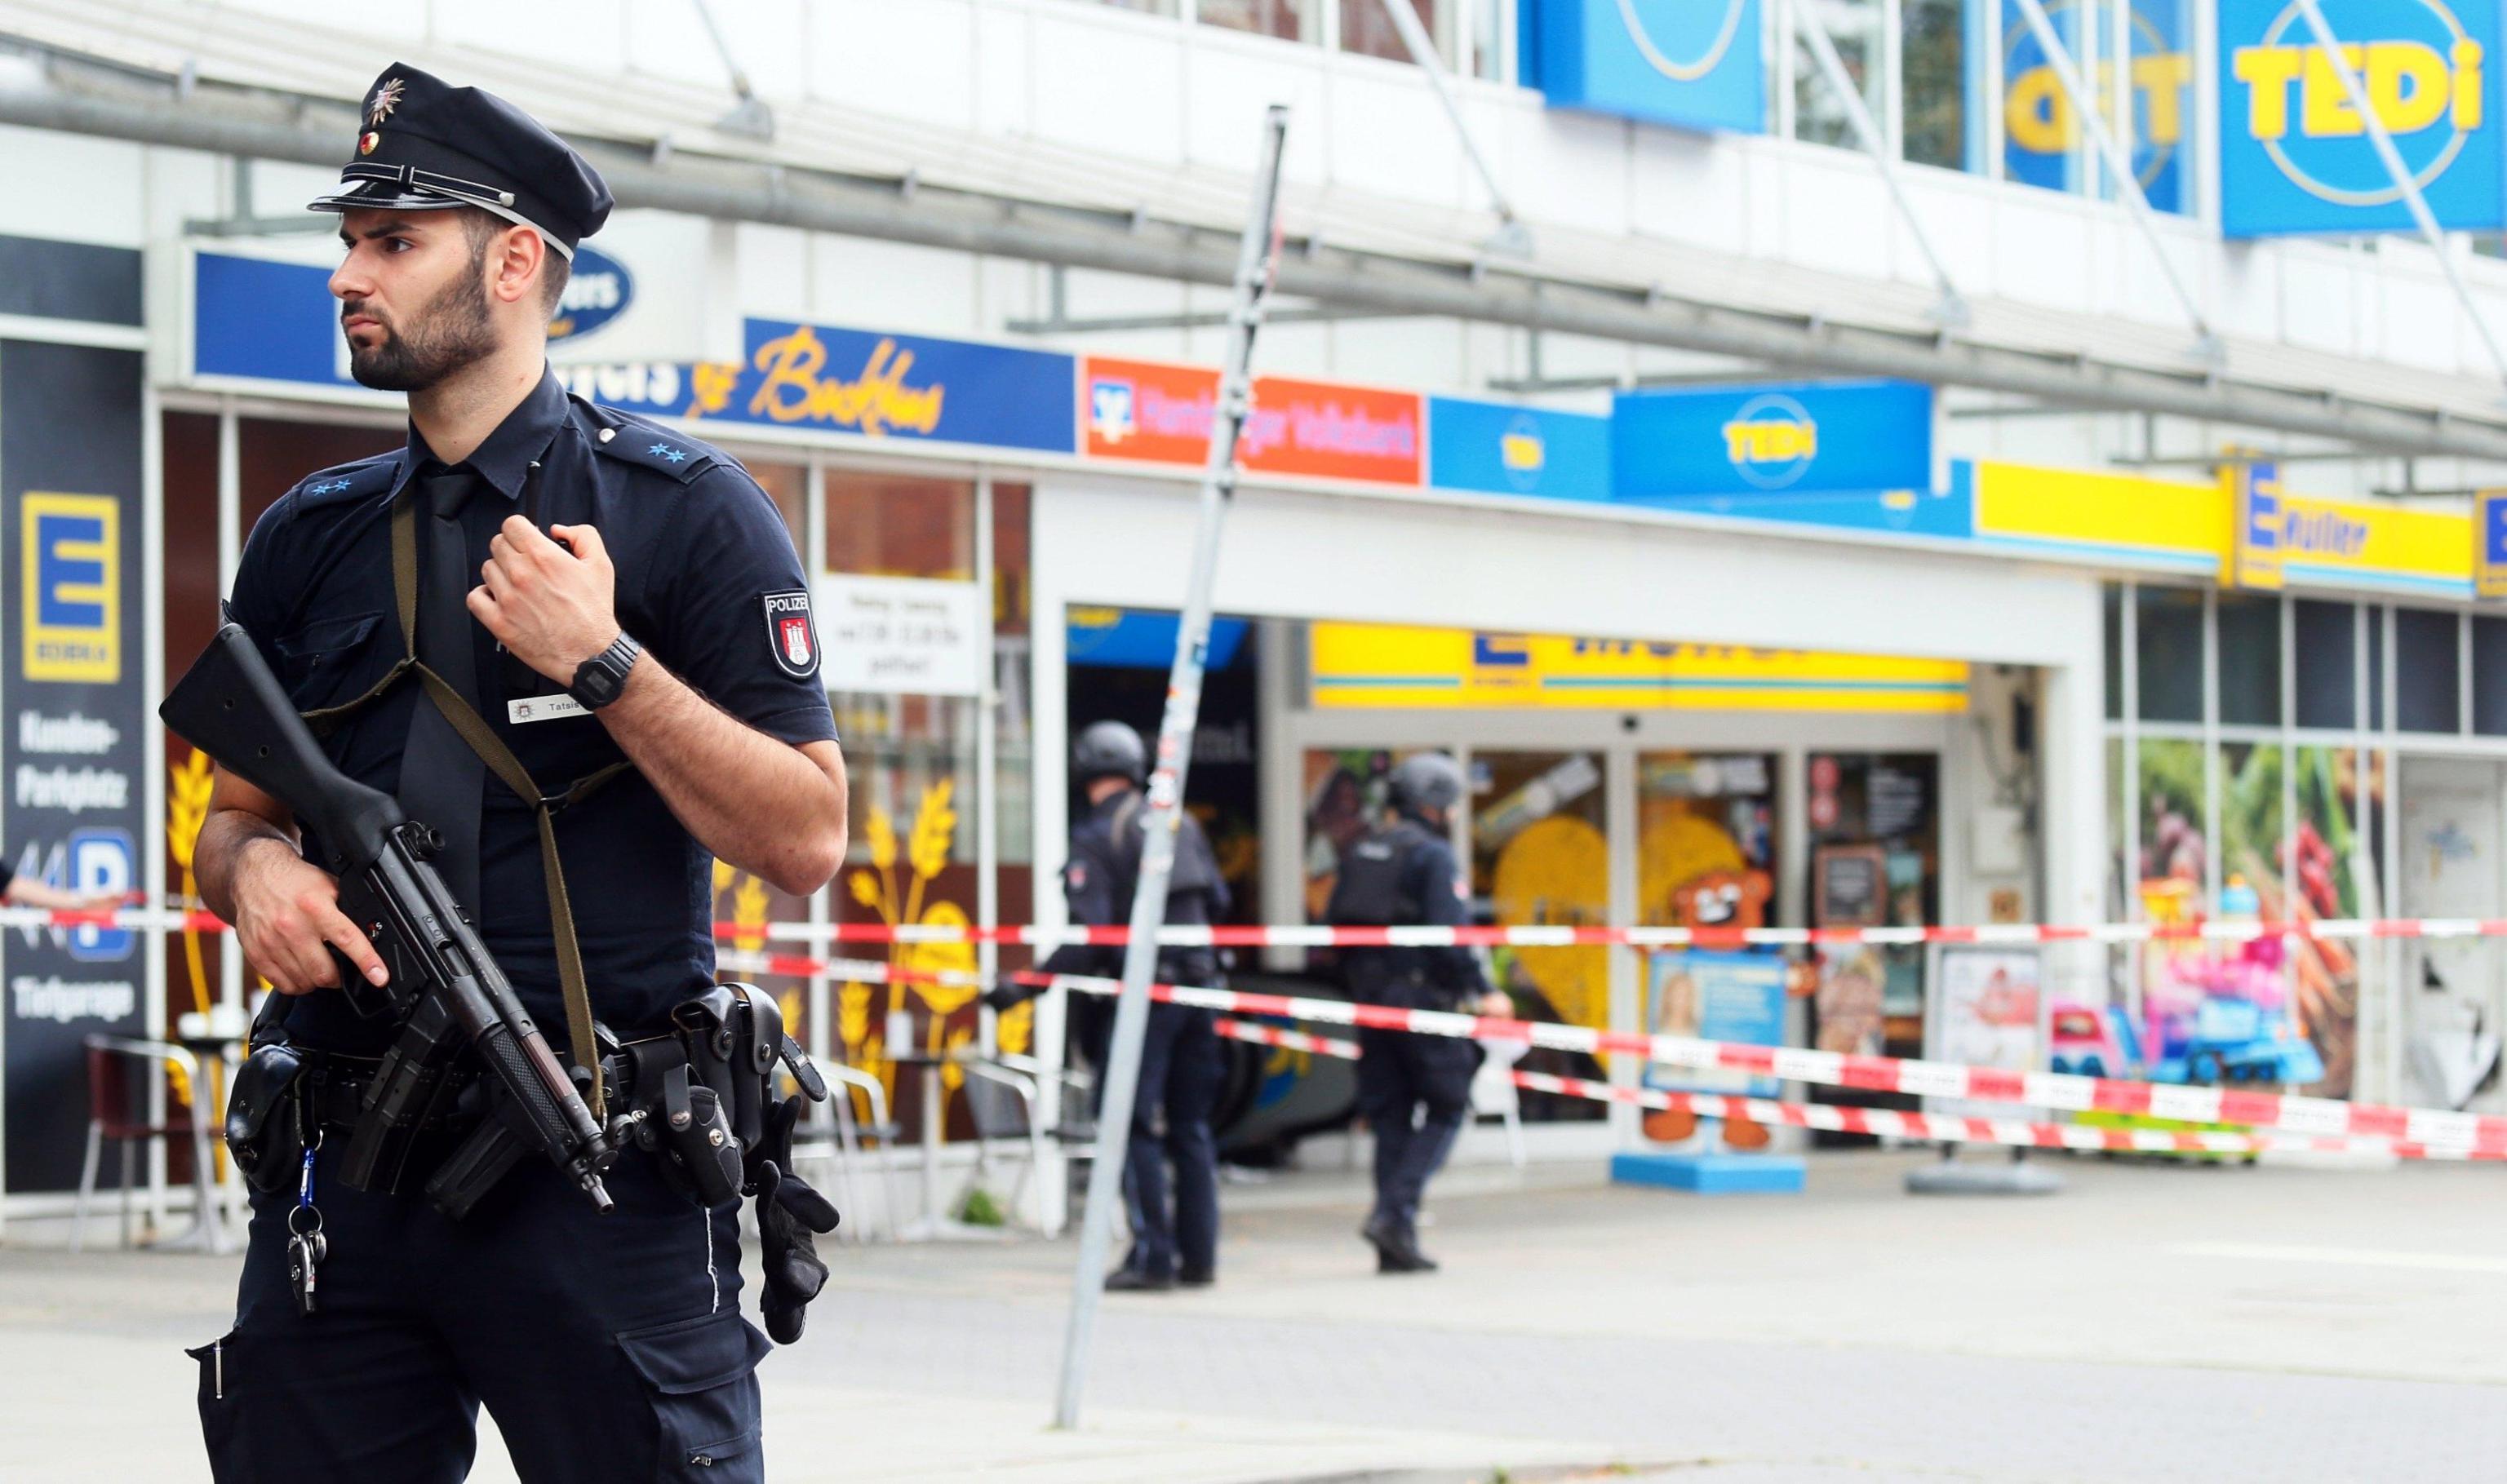 ++ Amburgo: aggressore arrivato in Germania come rifugiato ++